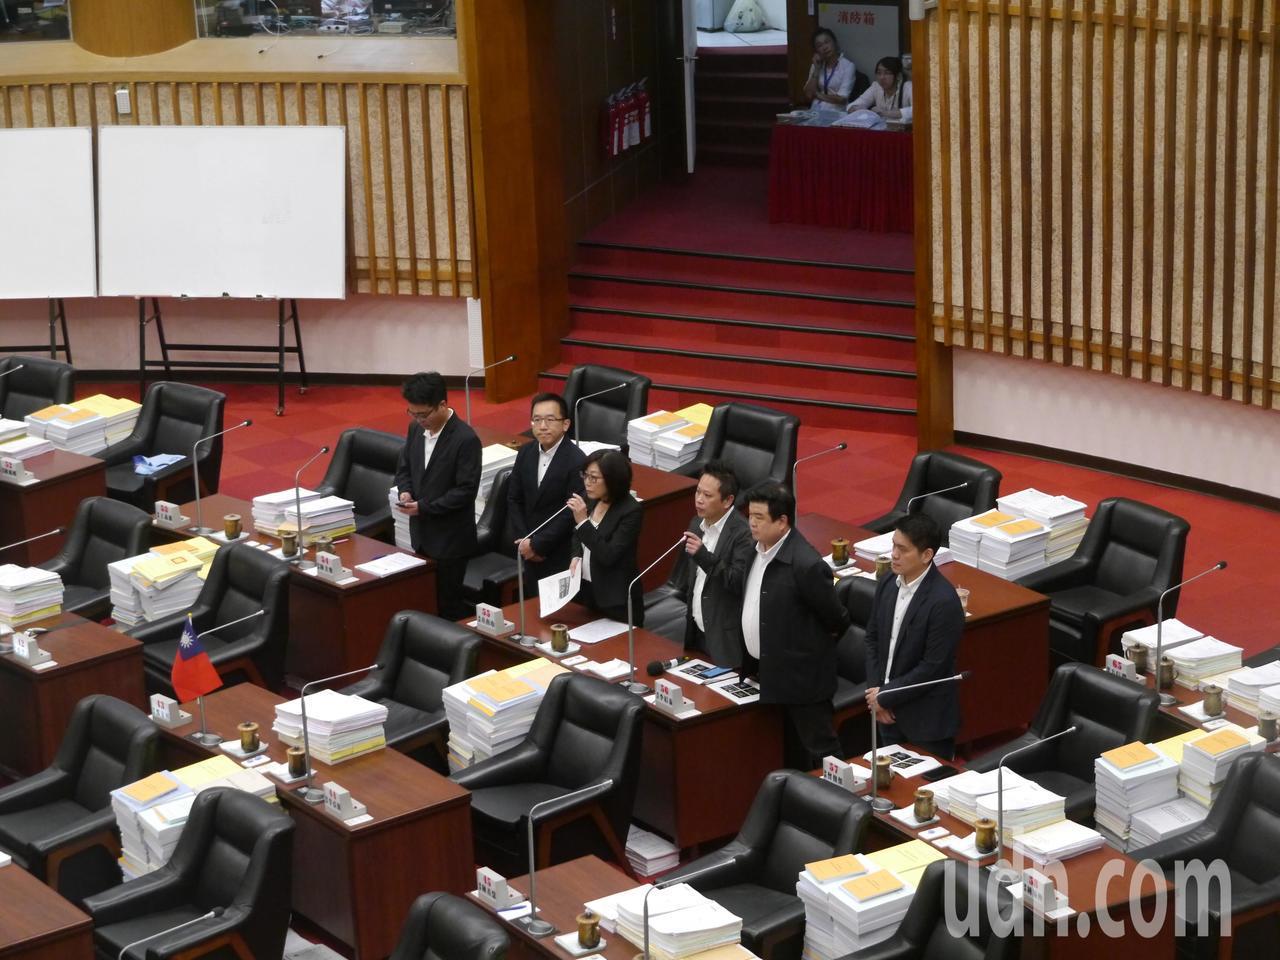 綠營高市議員合力出擊,質疑哈瑪星音樂季是為市長韓國瑜造勢的活動。記者徐白櫻/攝影